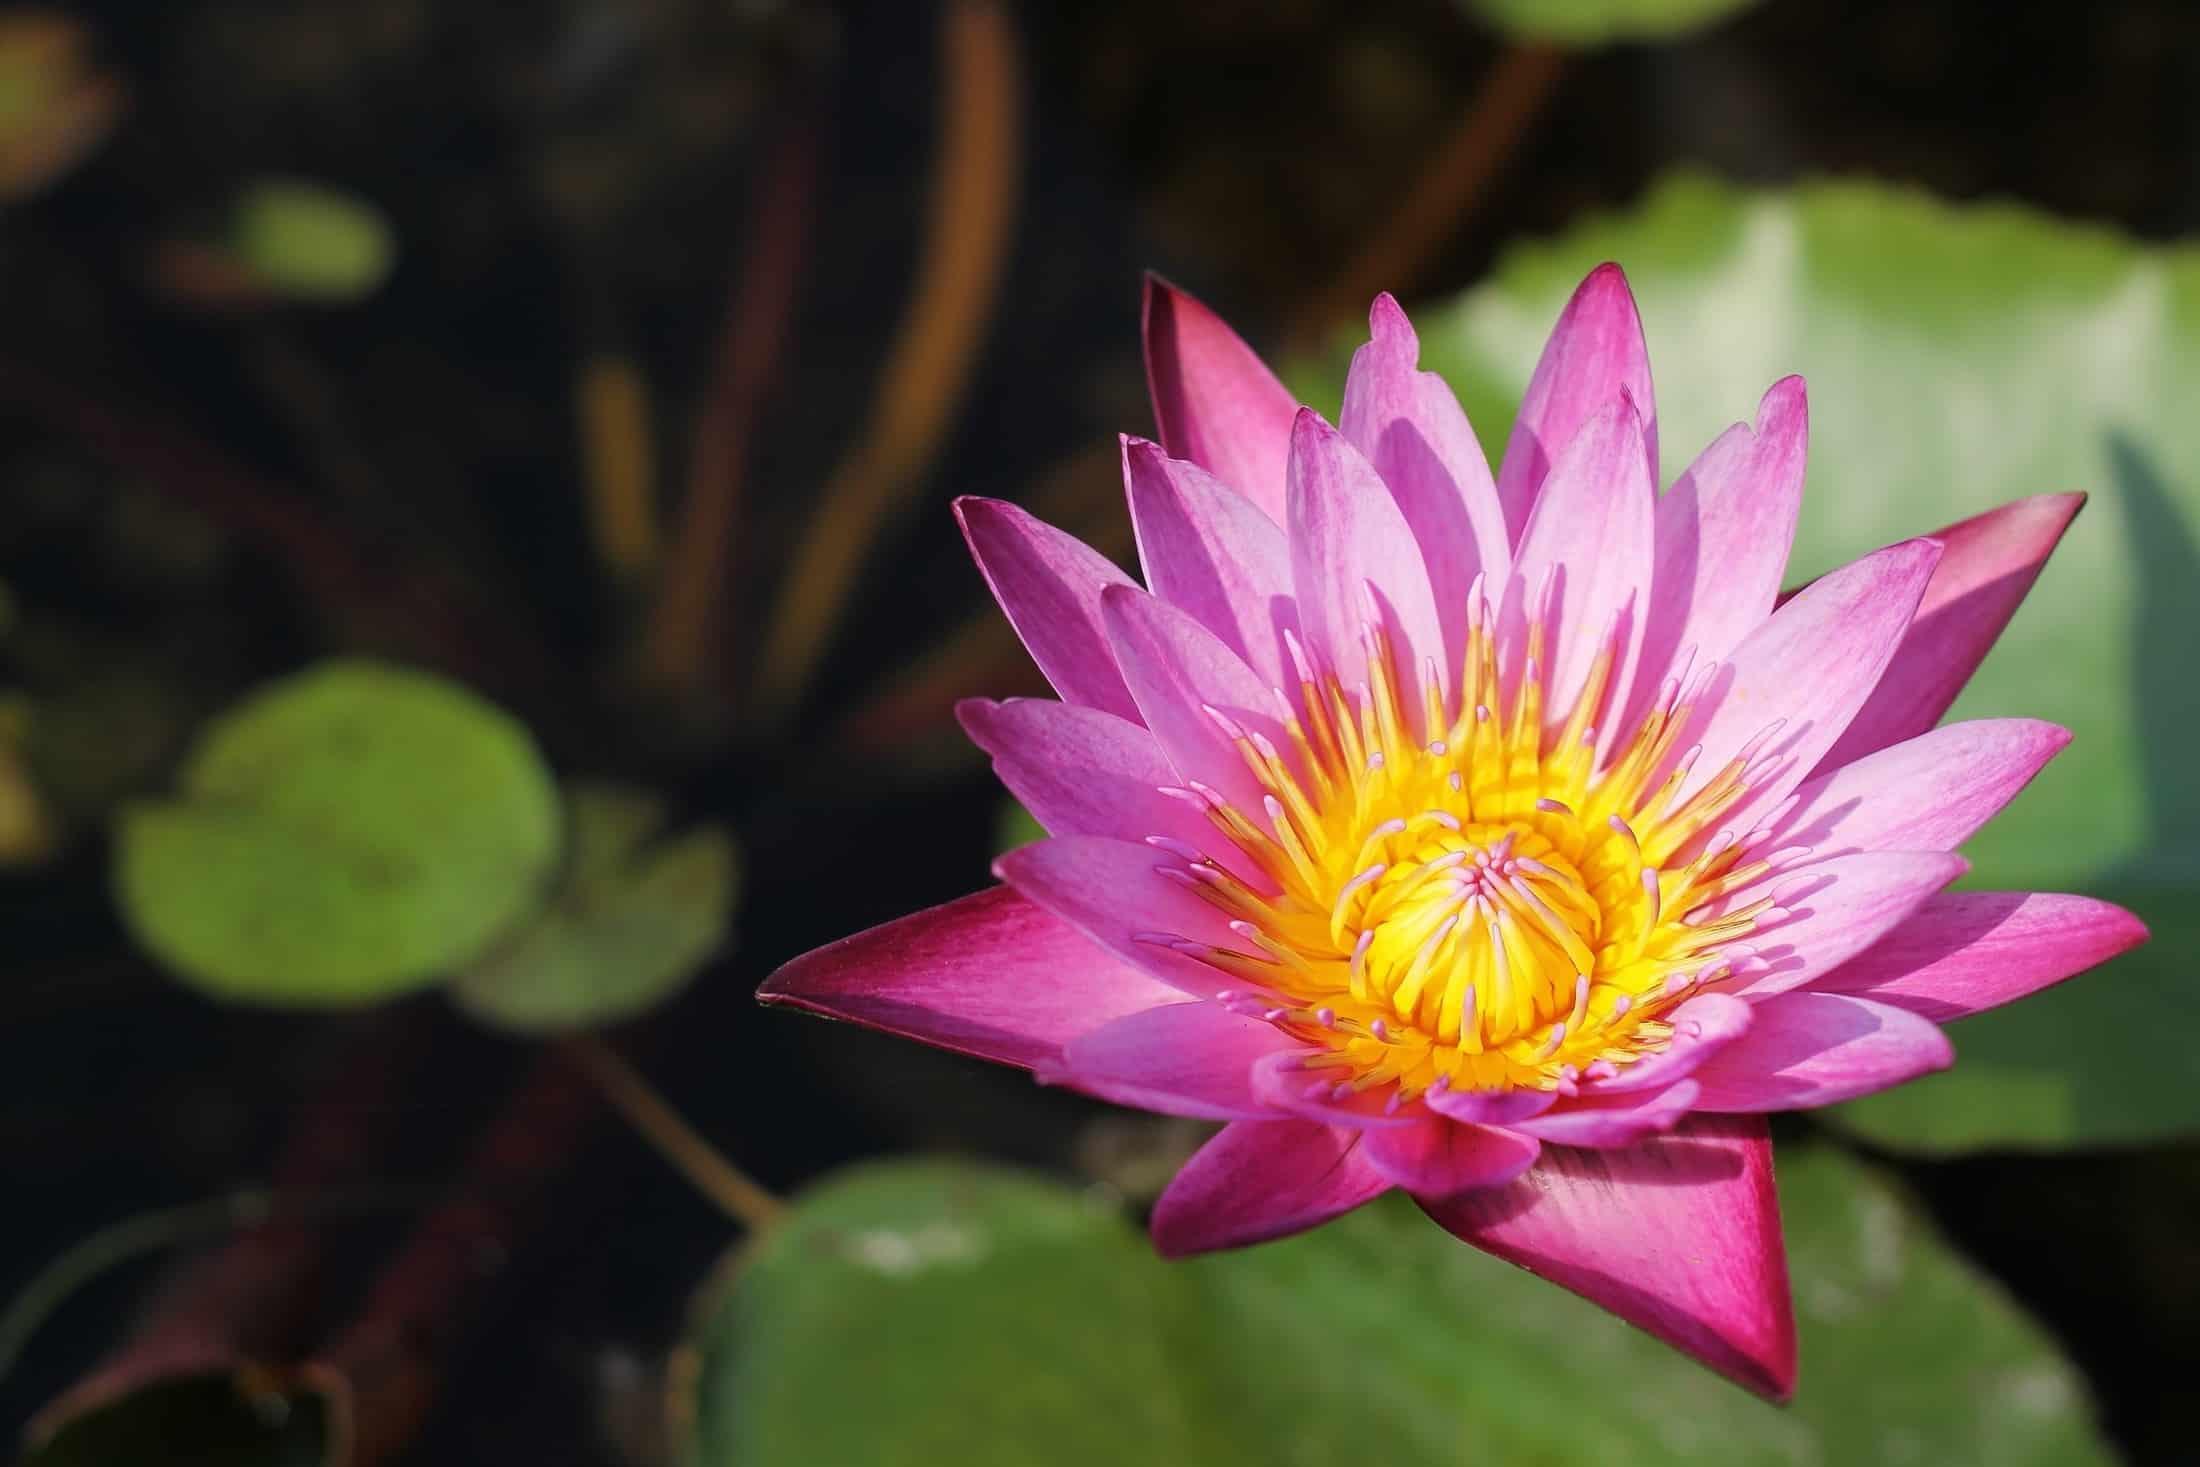 Wunderschöne Blüte mit leuchtenden Farben - Buddhas Blume